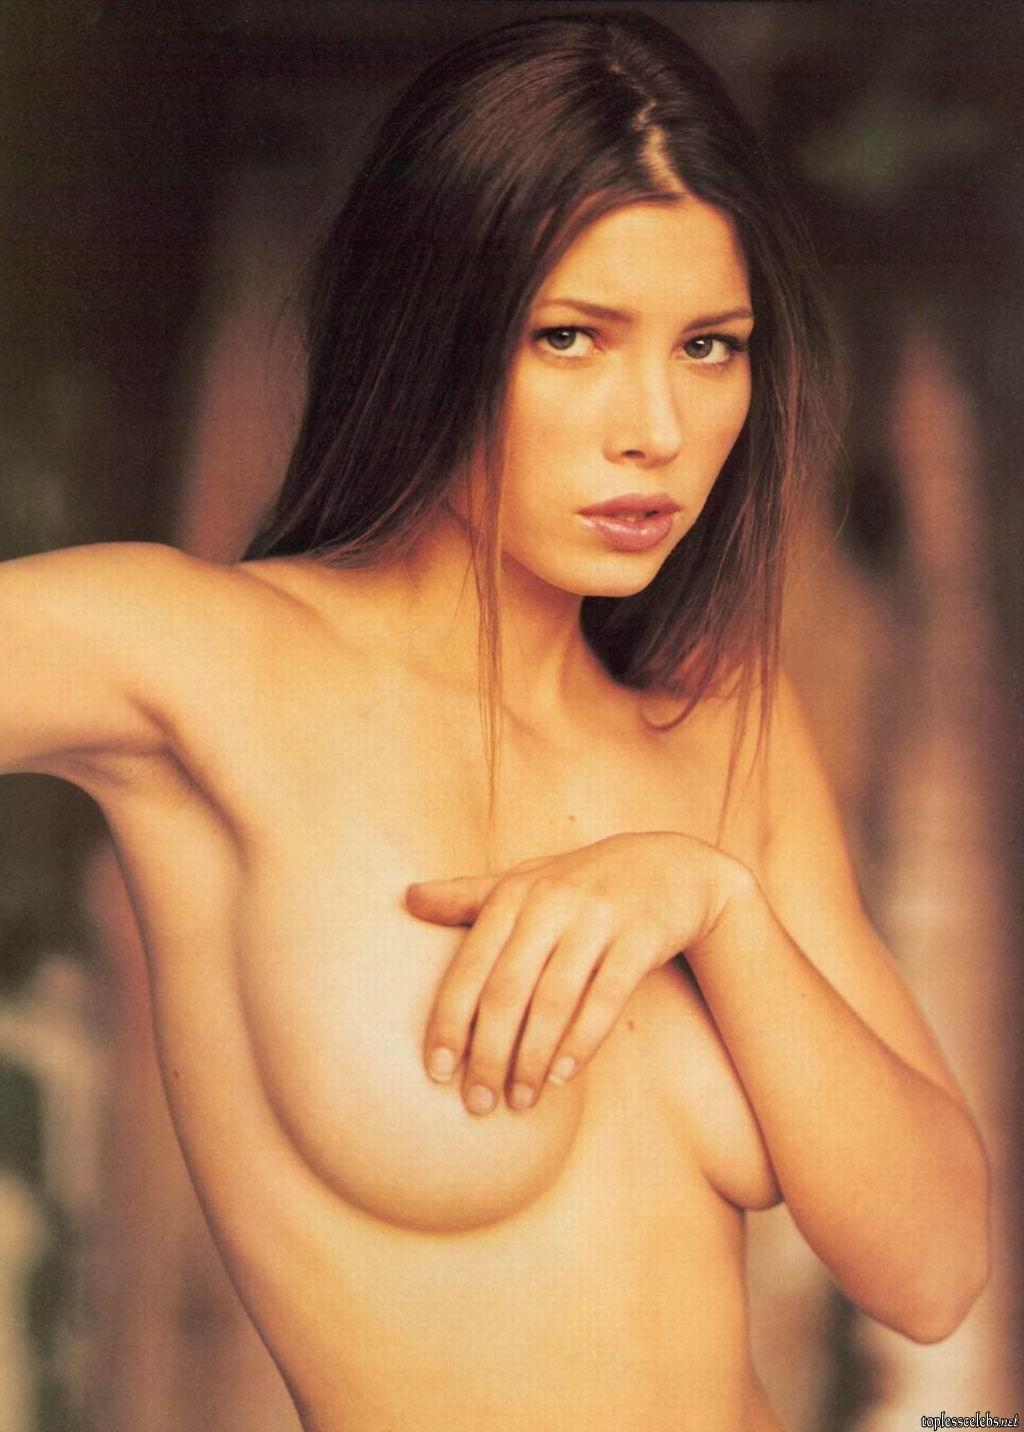 Jessica biel boobs